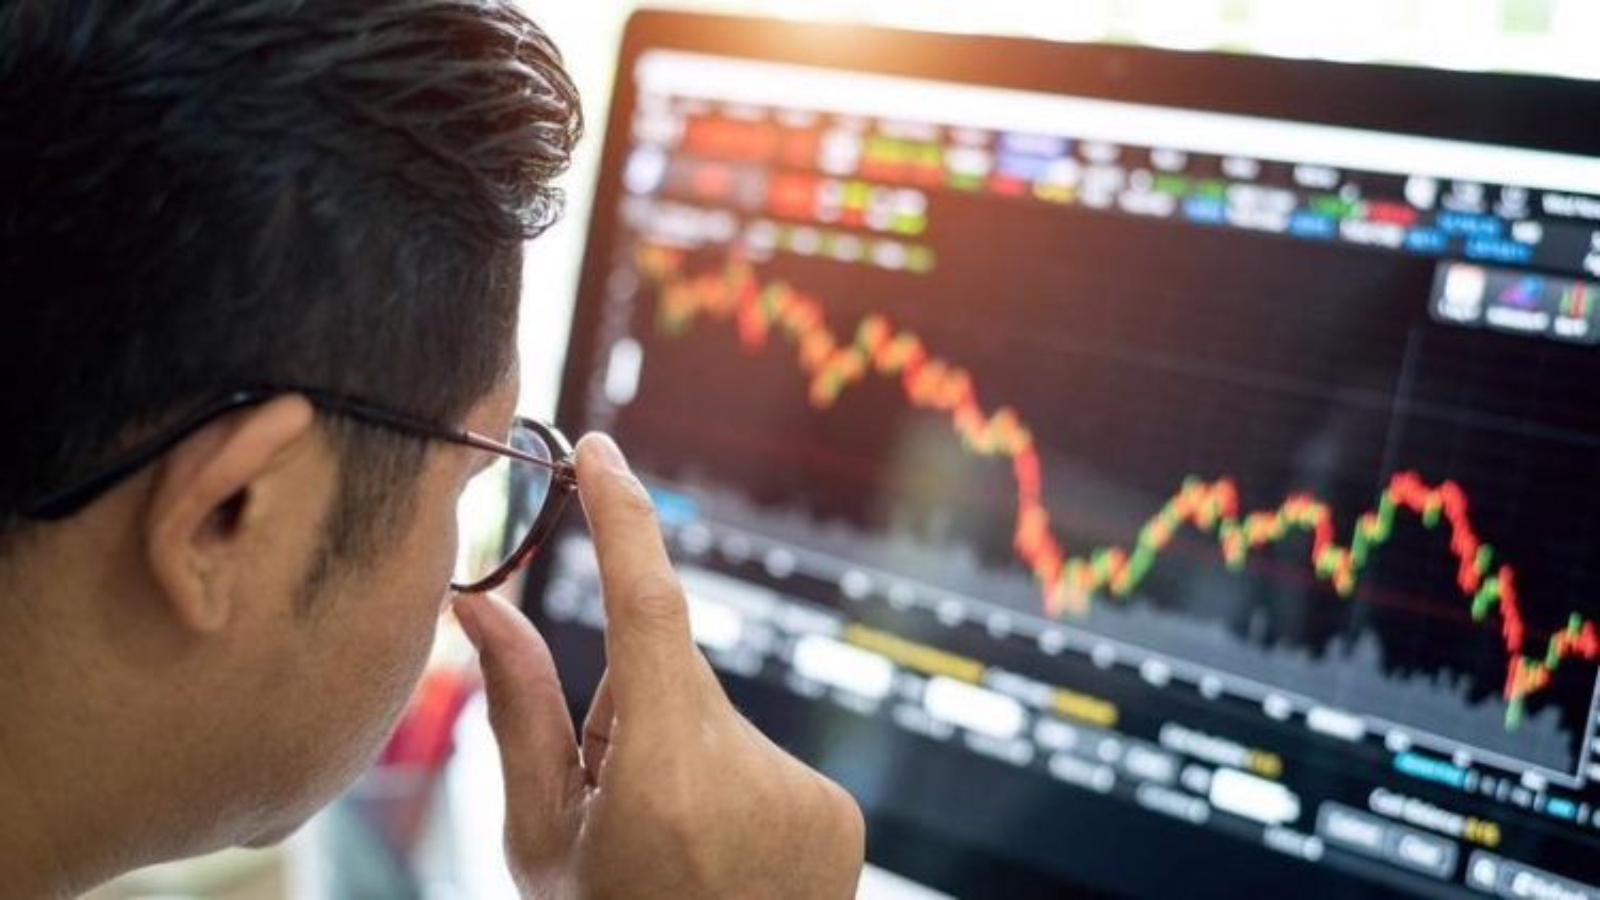 Thị trường chứng khoán có thể sớm xác lập vùng đáy ngắn hạn